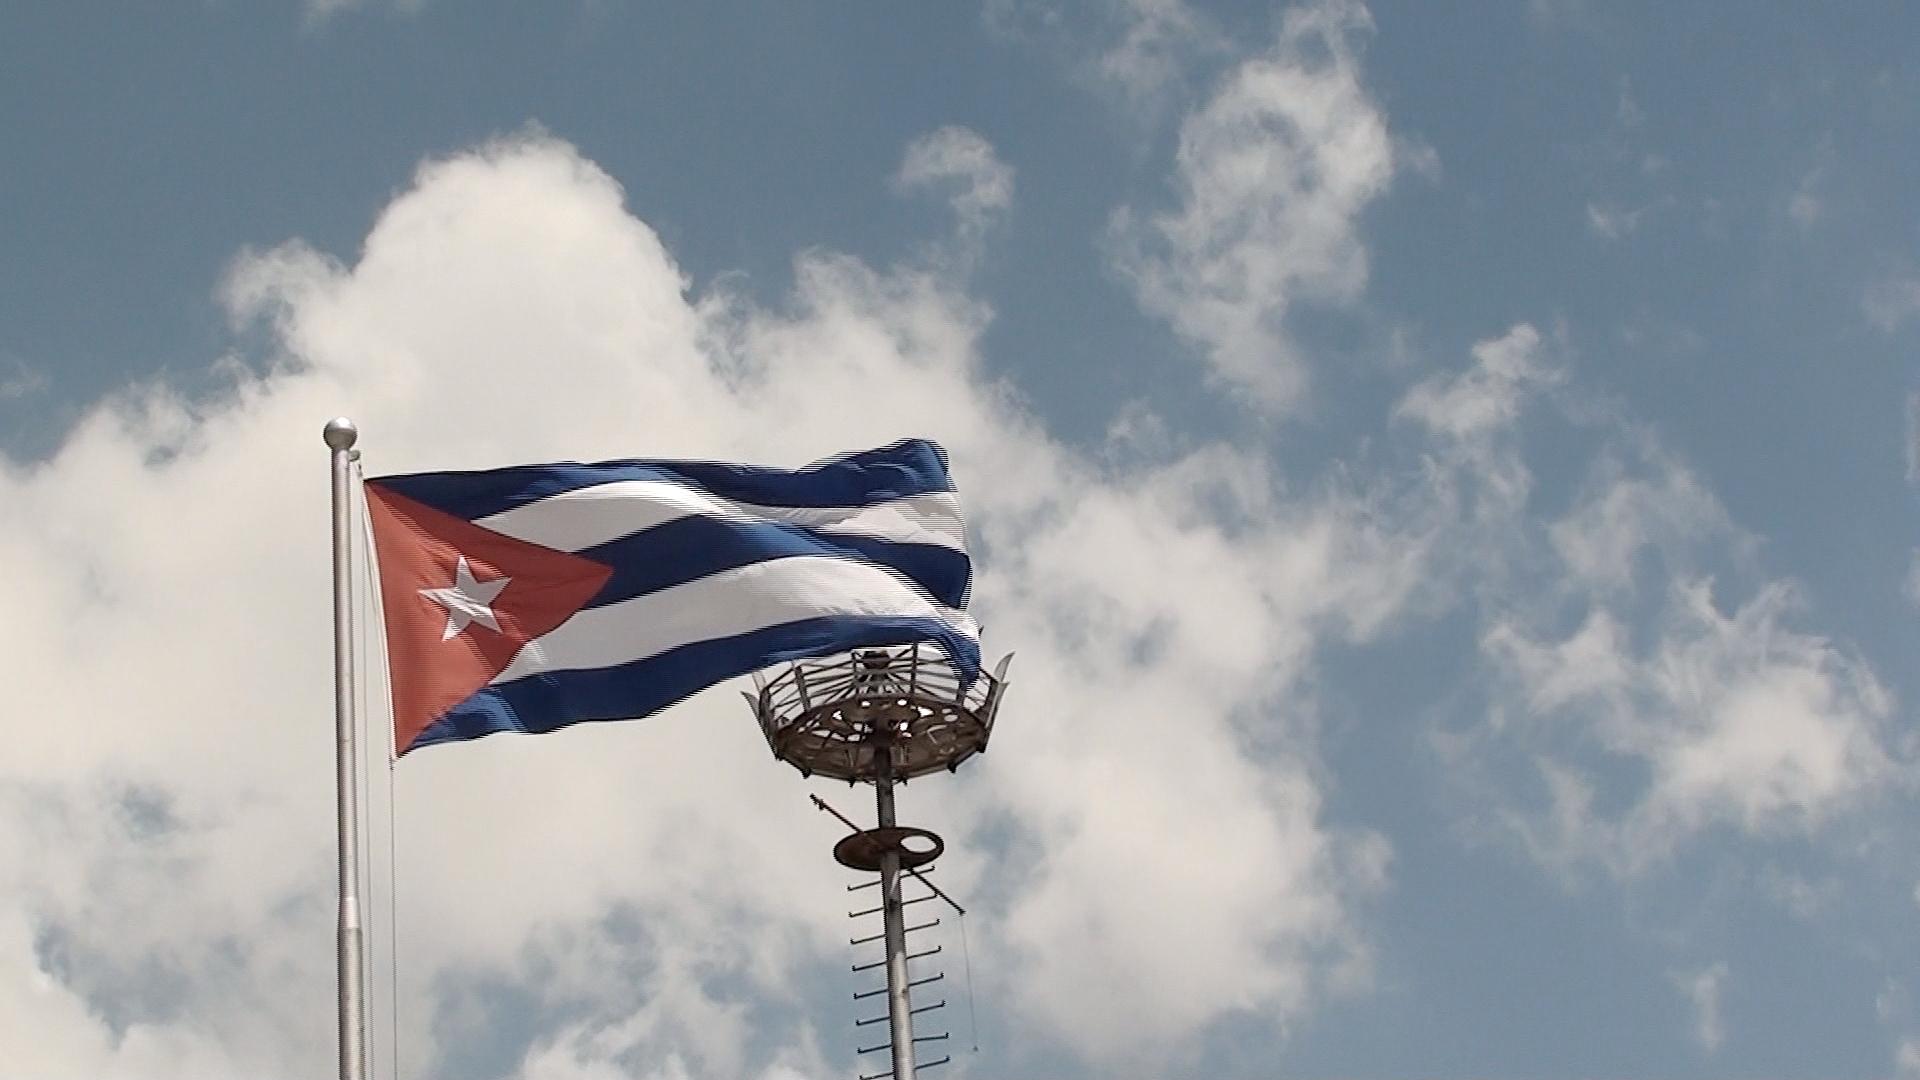 Videotagebuch Mein Kuba - Leben im Sozialismus: Kubanische Flagge im Wind